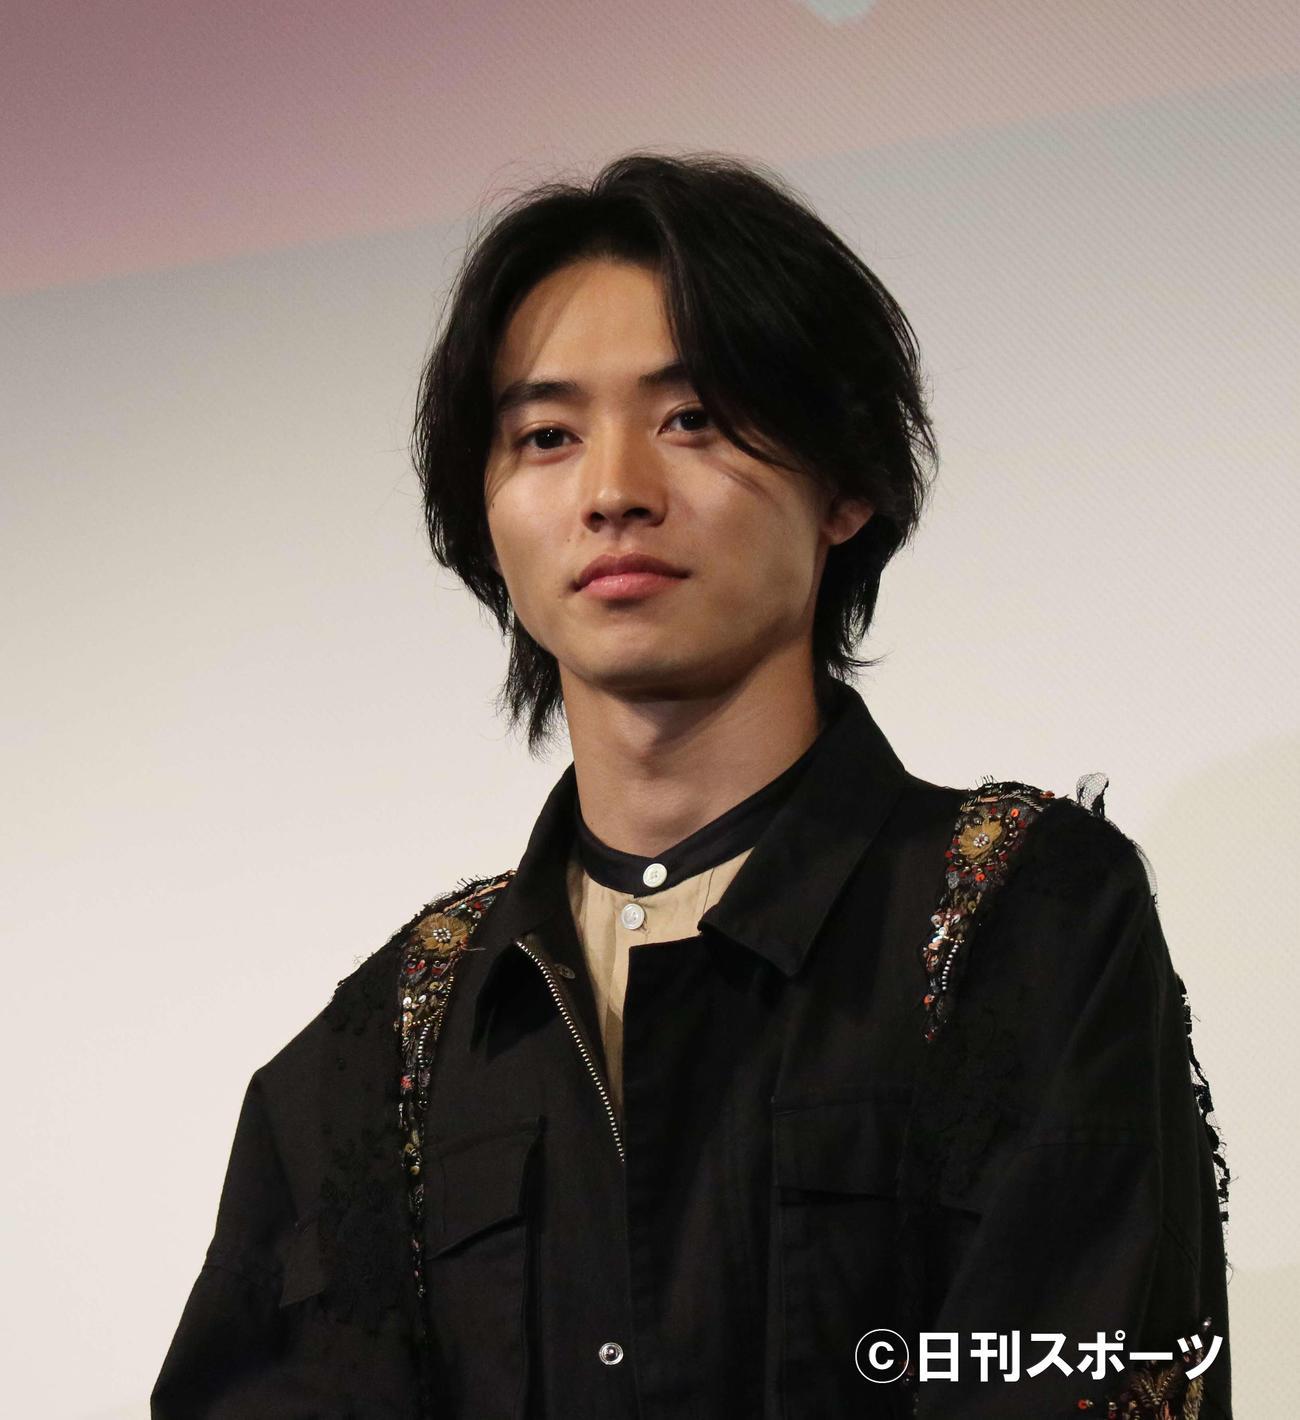 映画「キングダム」の舞台あいさつに出席した山崎賢人(2019年4月8日撮影)